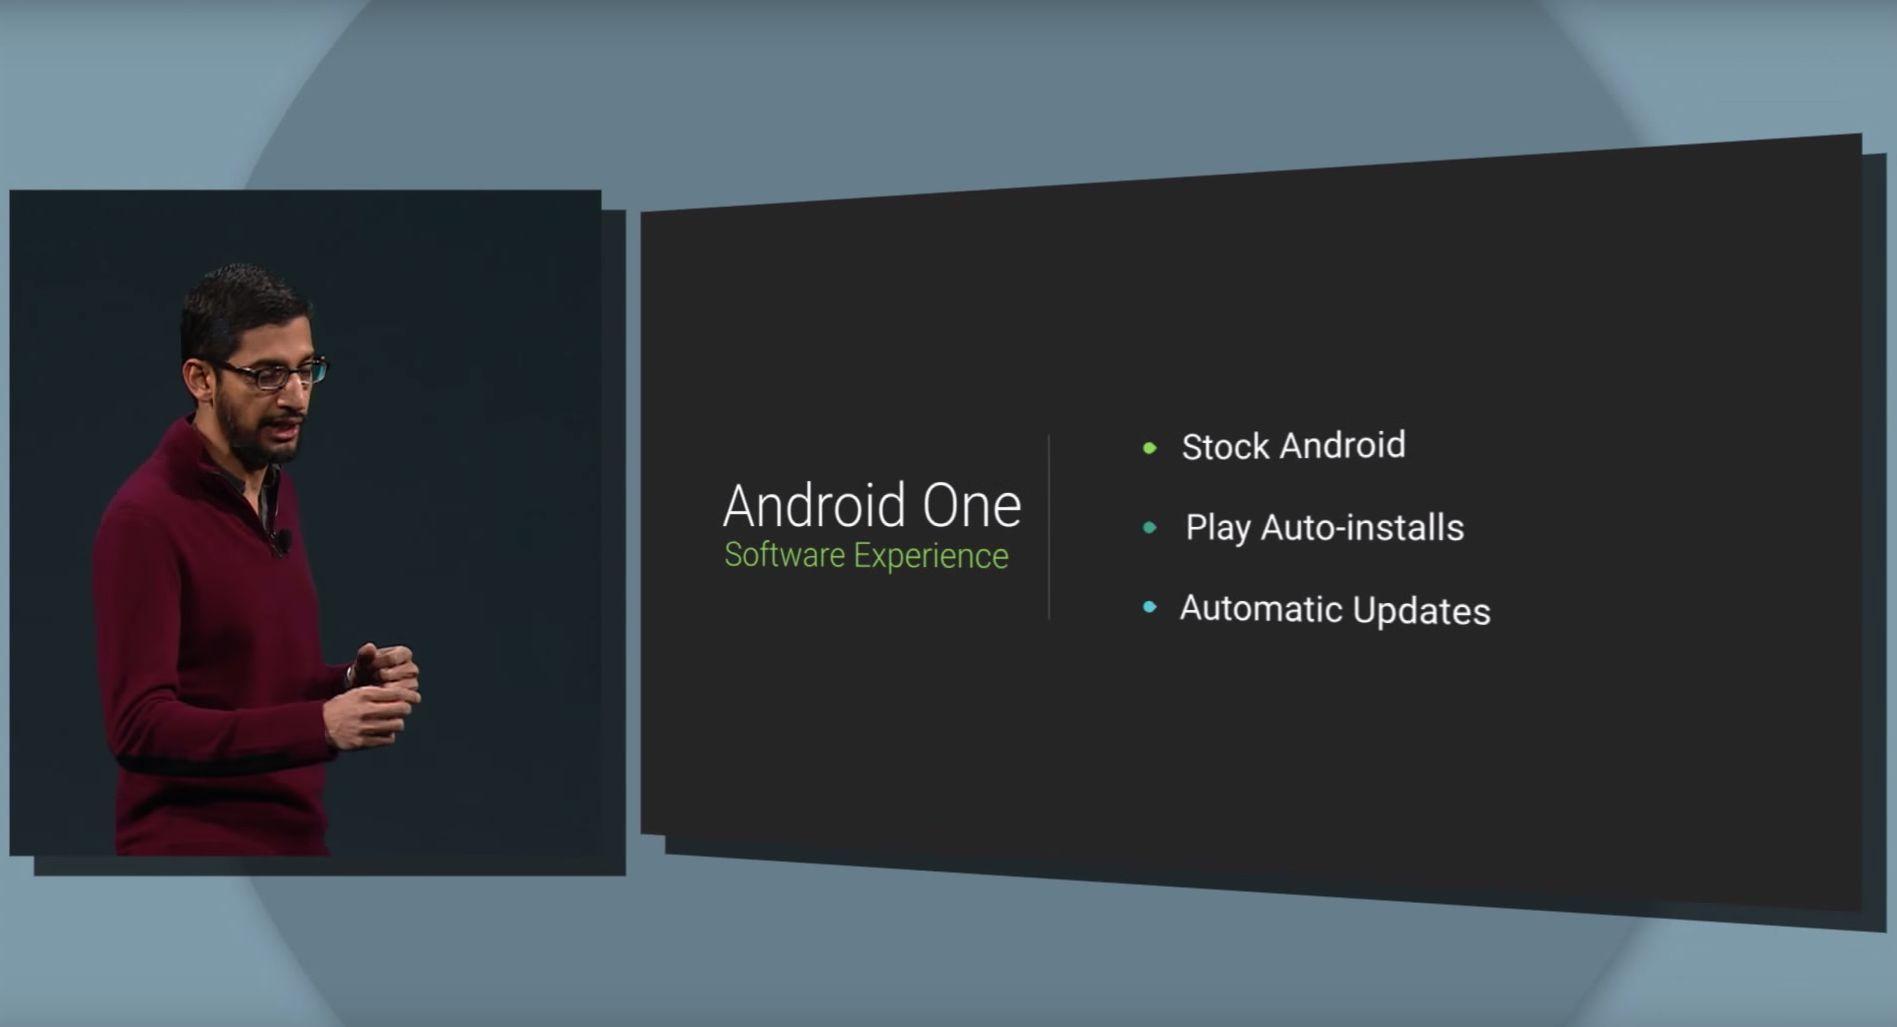 Les smartphones Android One pourraient arriver aux Etats-Unis